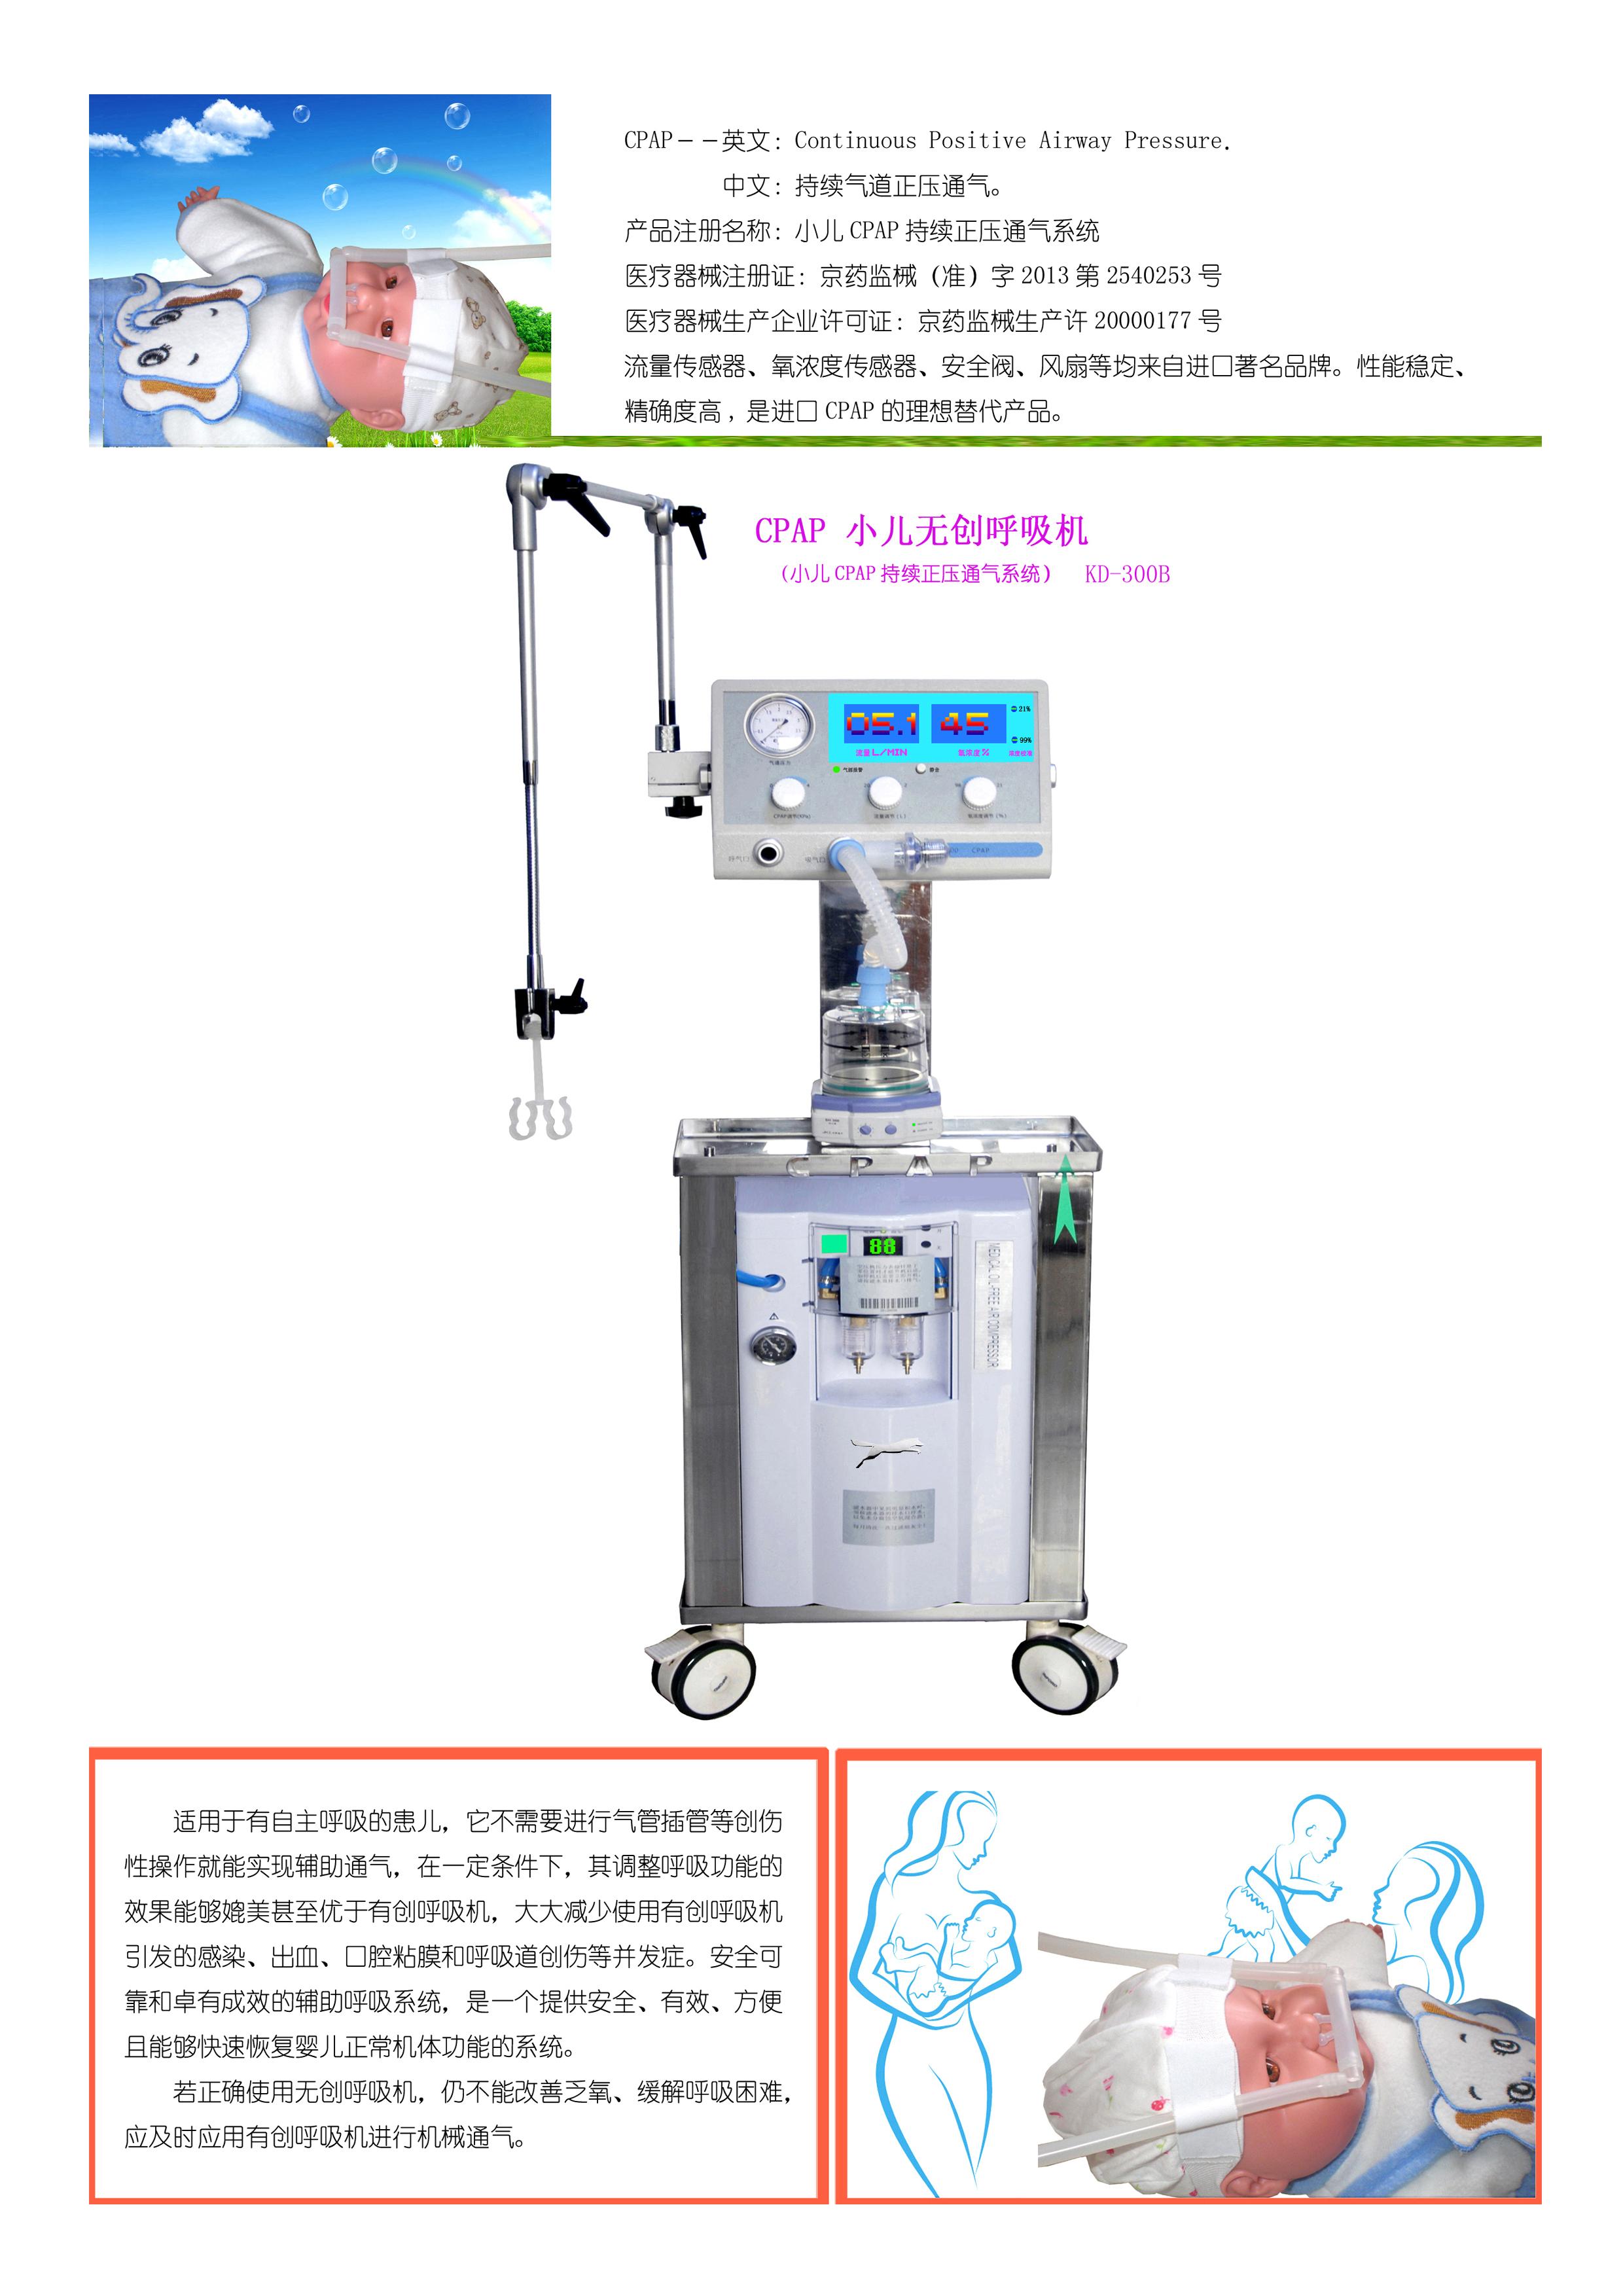 新生儿无创呼吸机